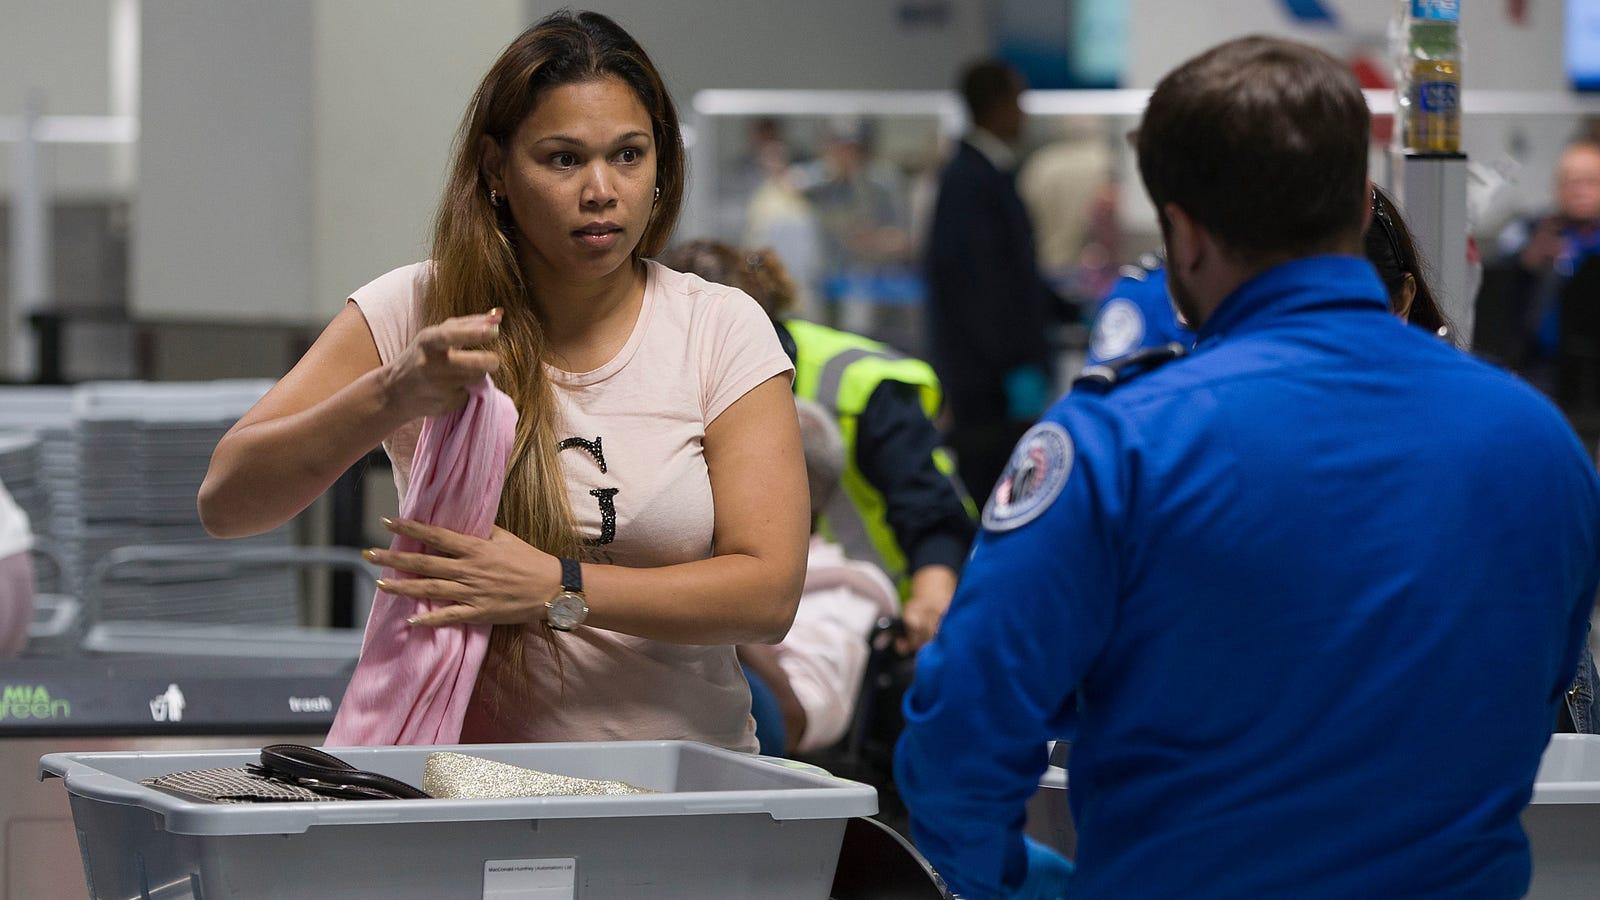 TSA check airport